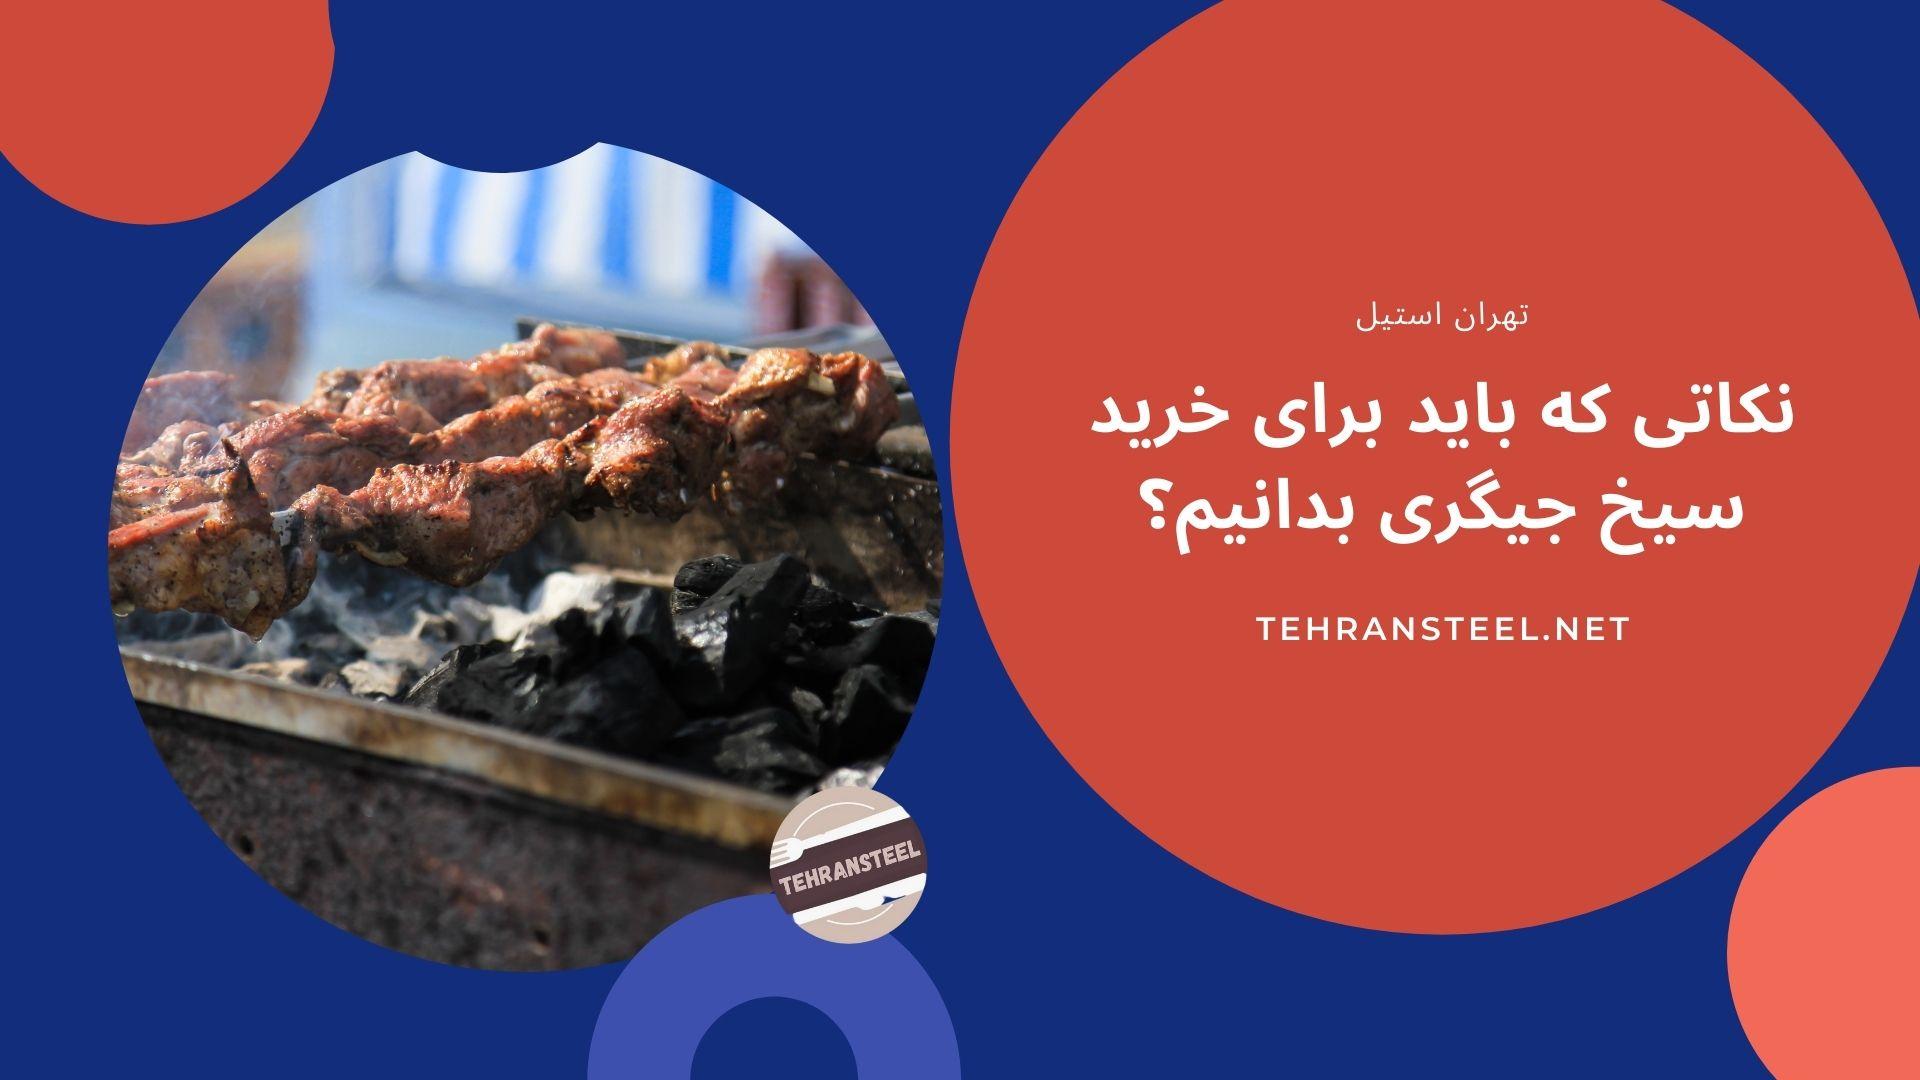 نکاتی که باید برای خرید سیخ جیگری بدانیم